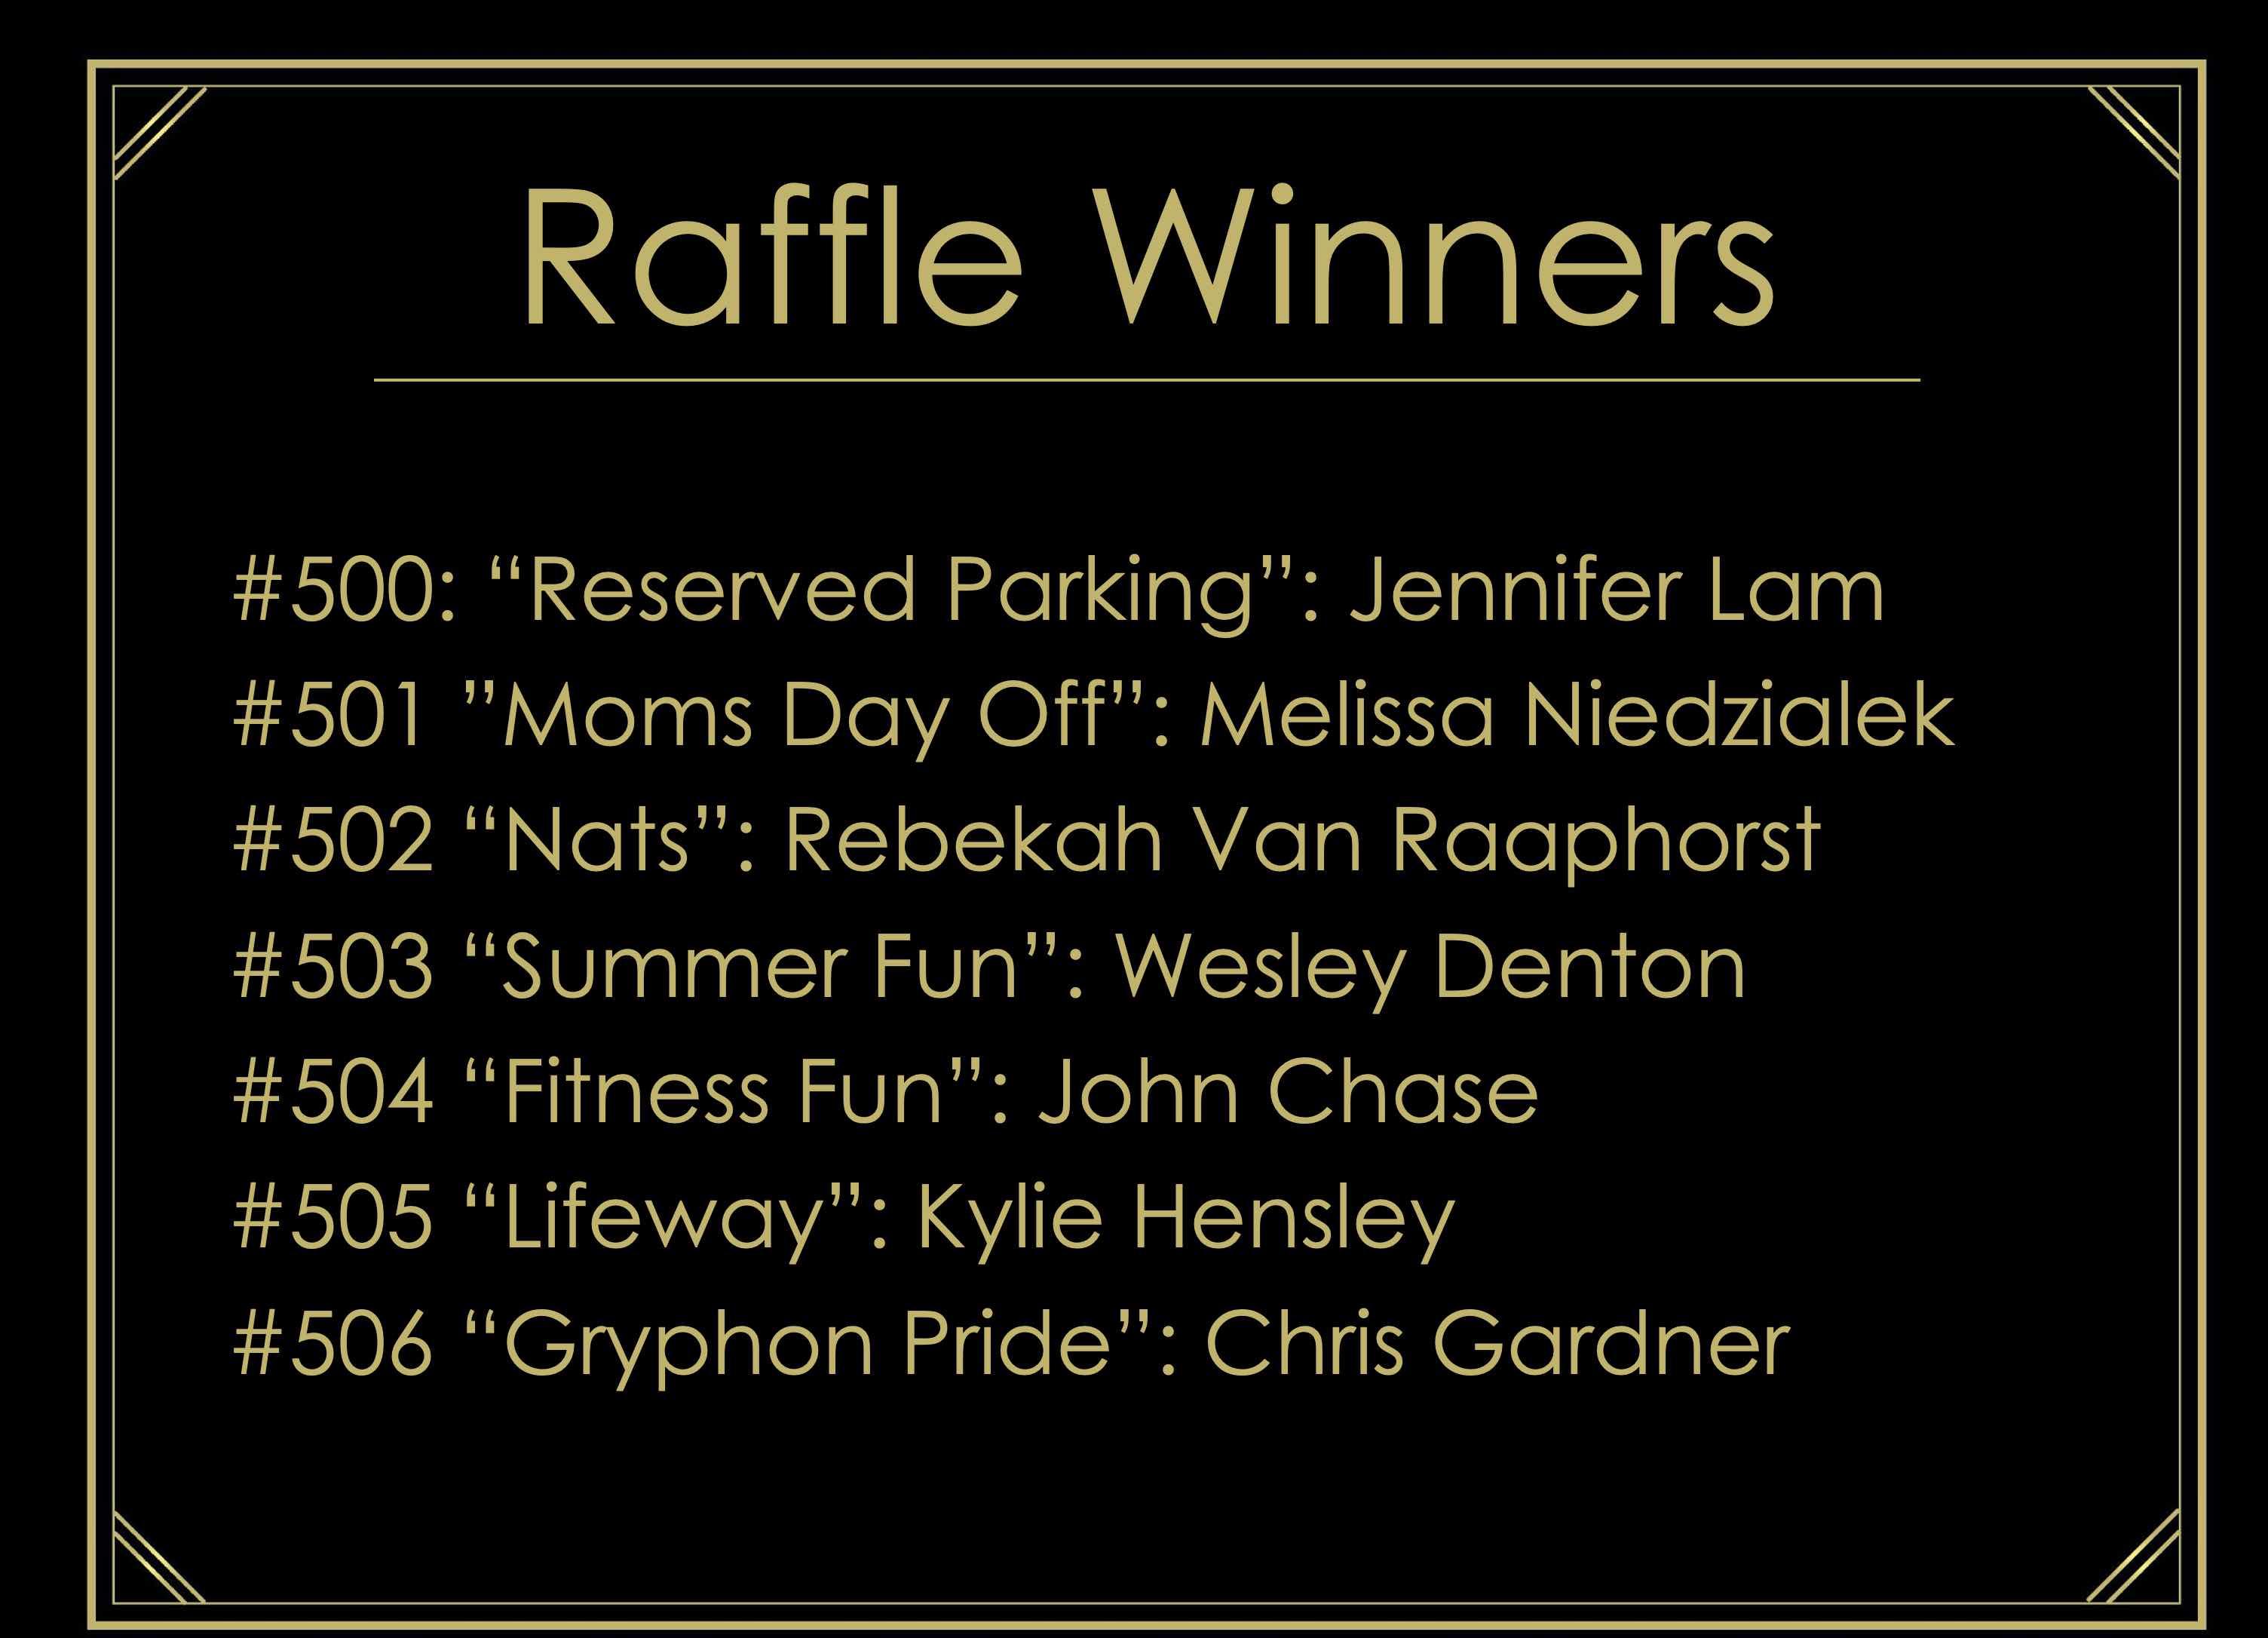 Raffke Winners